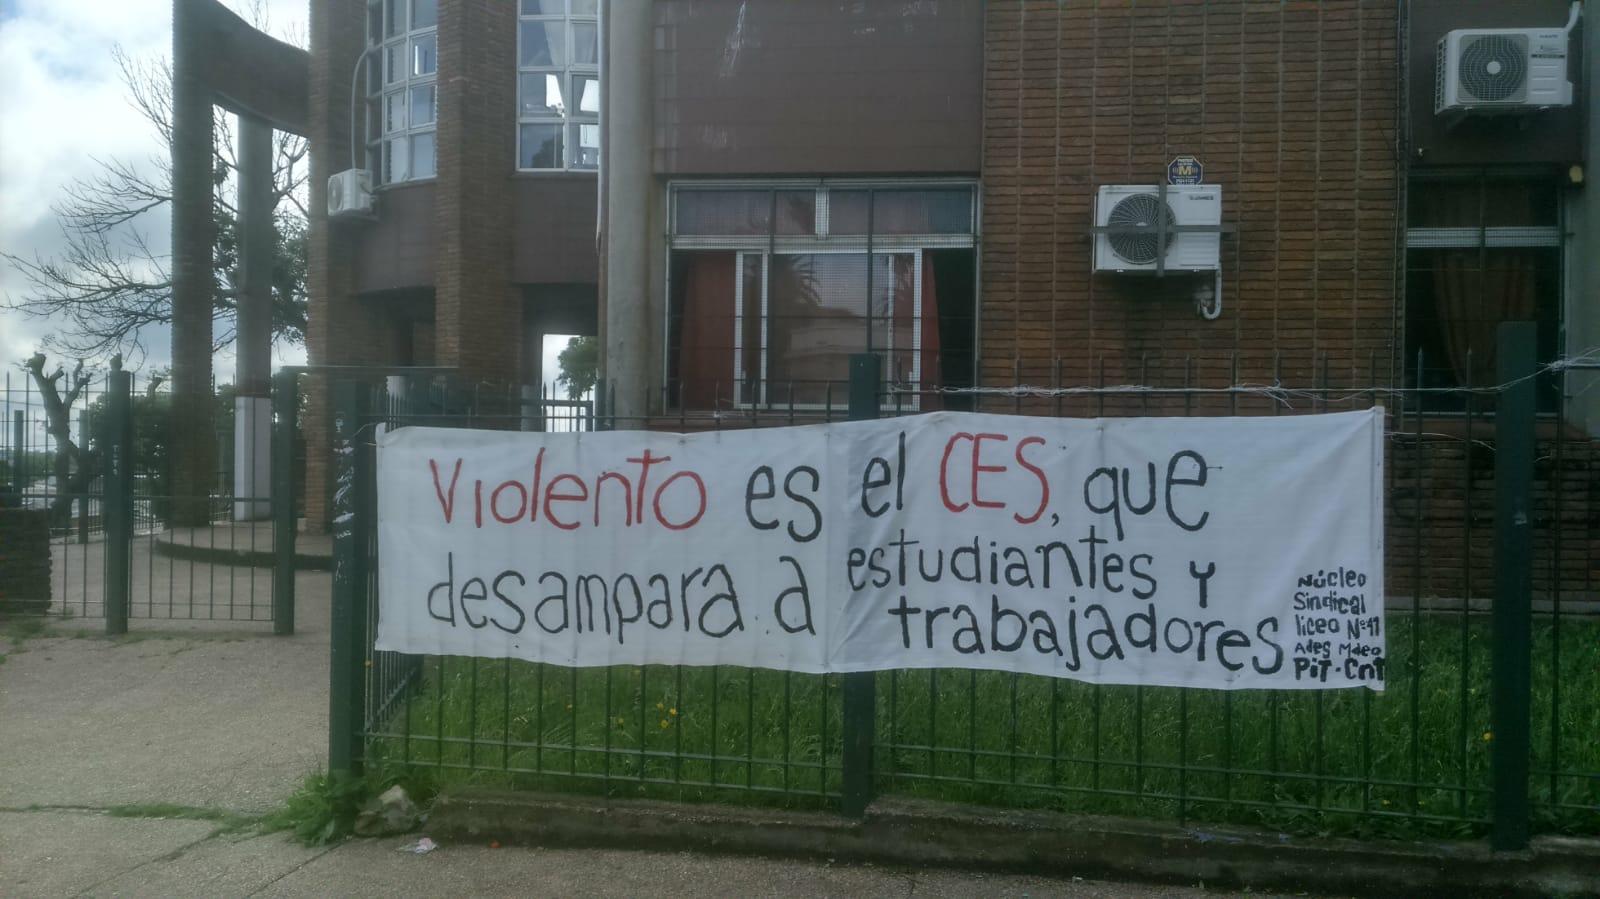 Núcleo Sindical del Liceo N° 41 exige condiciones que garanticen los derechos de estudiantes y trabajadores ante hechos de violencia